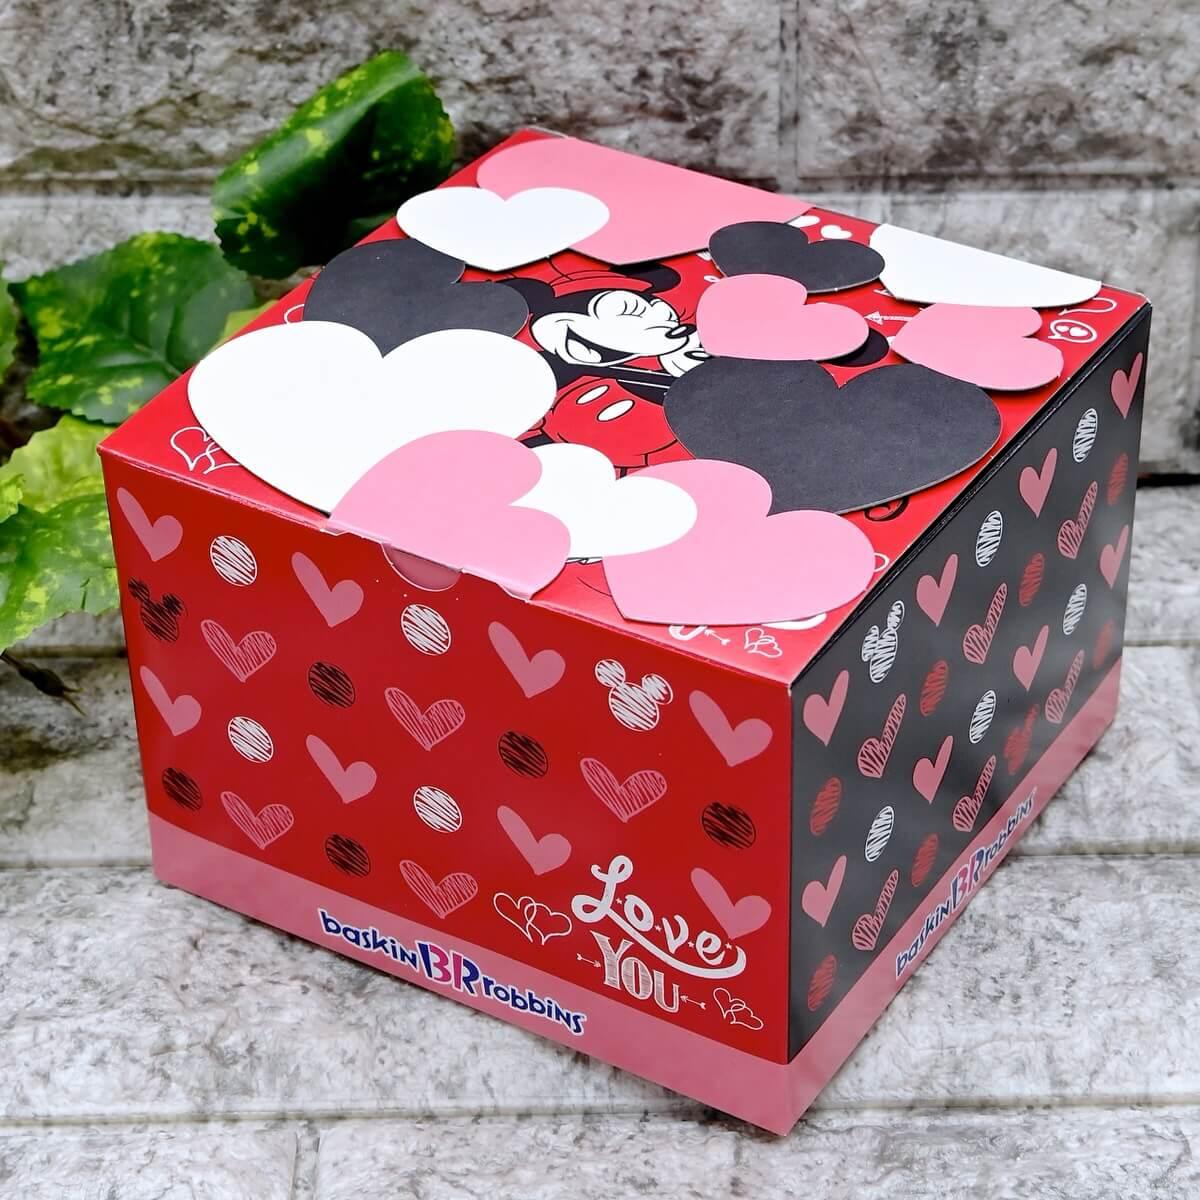 サーティワン アイスクリーム ディズニー「ミッキー&ミニー ハートボックス」ボックス